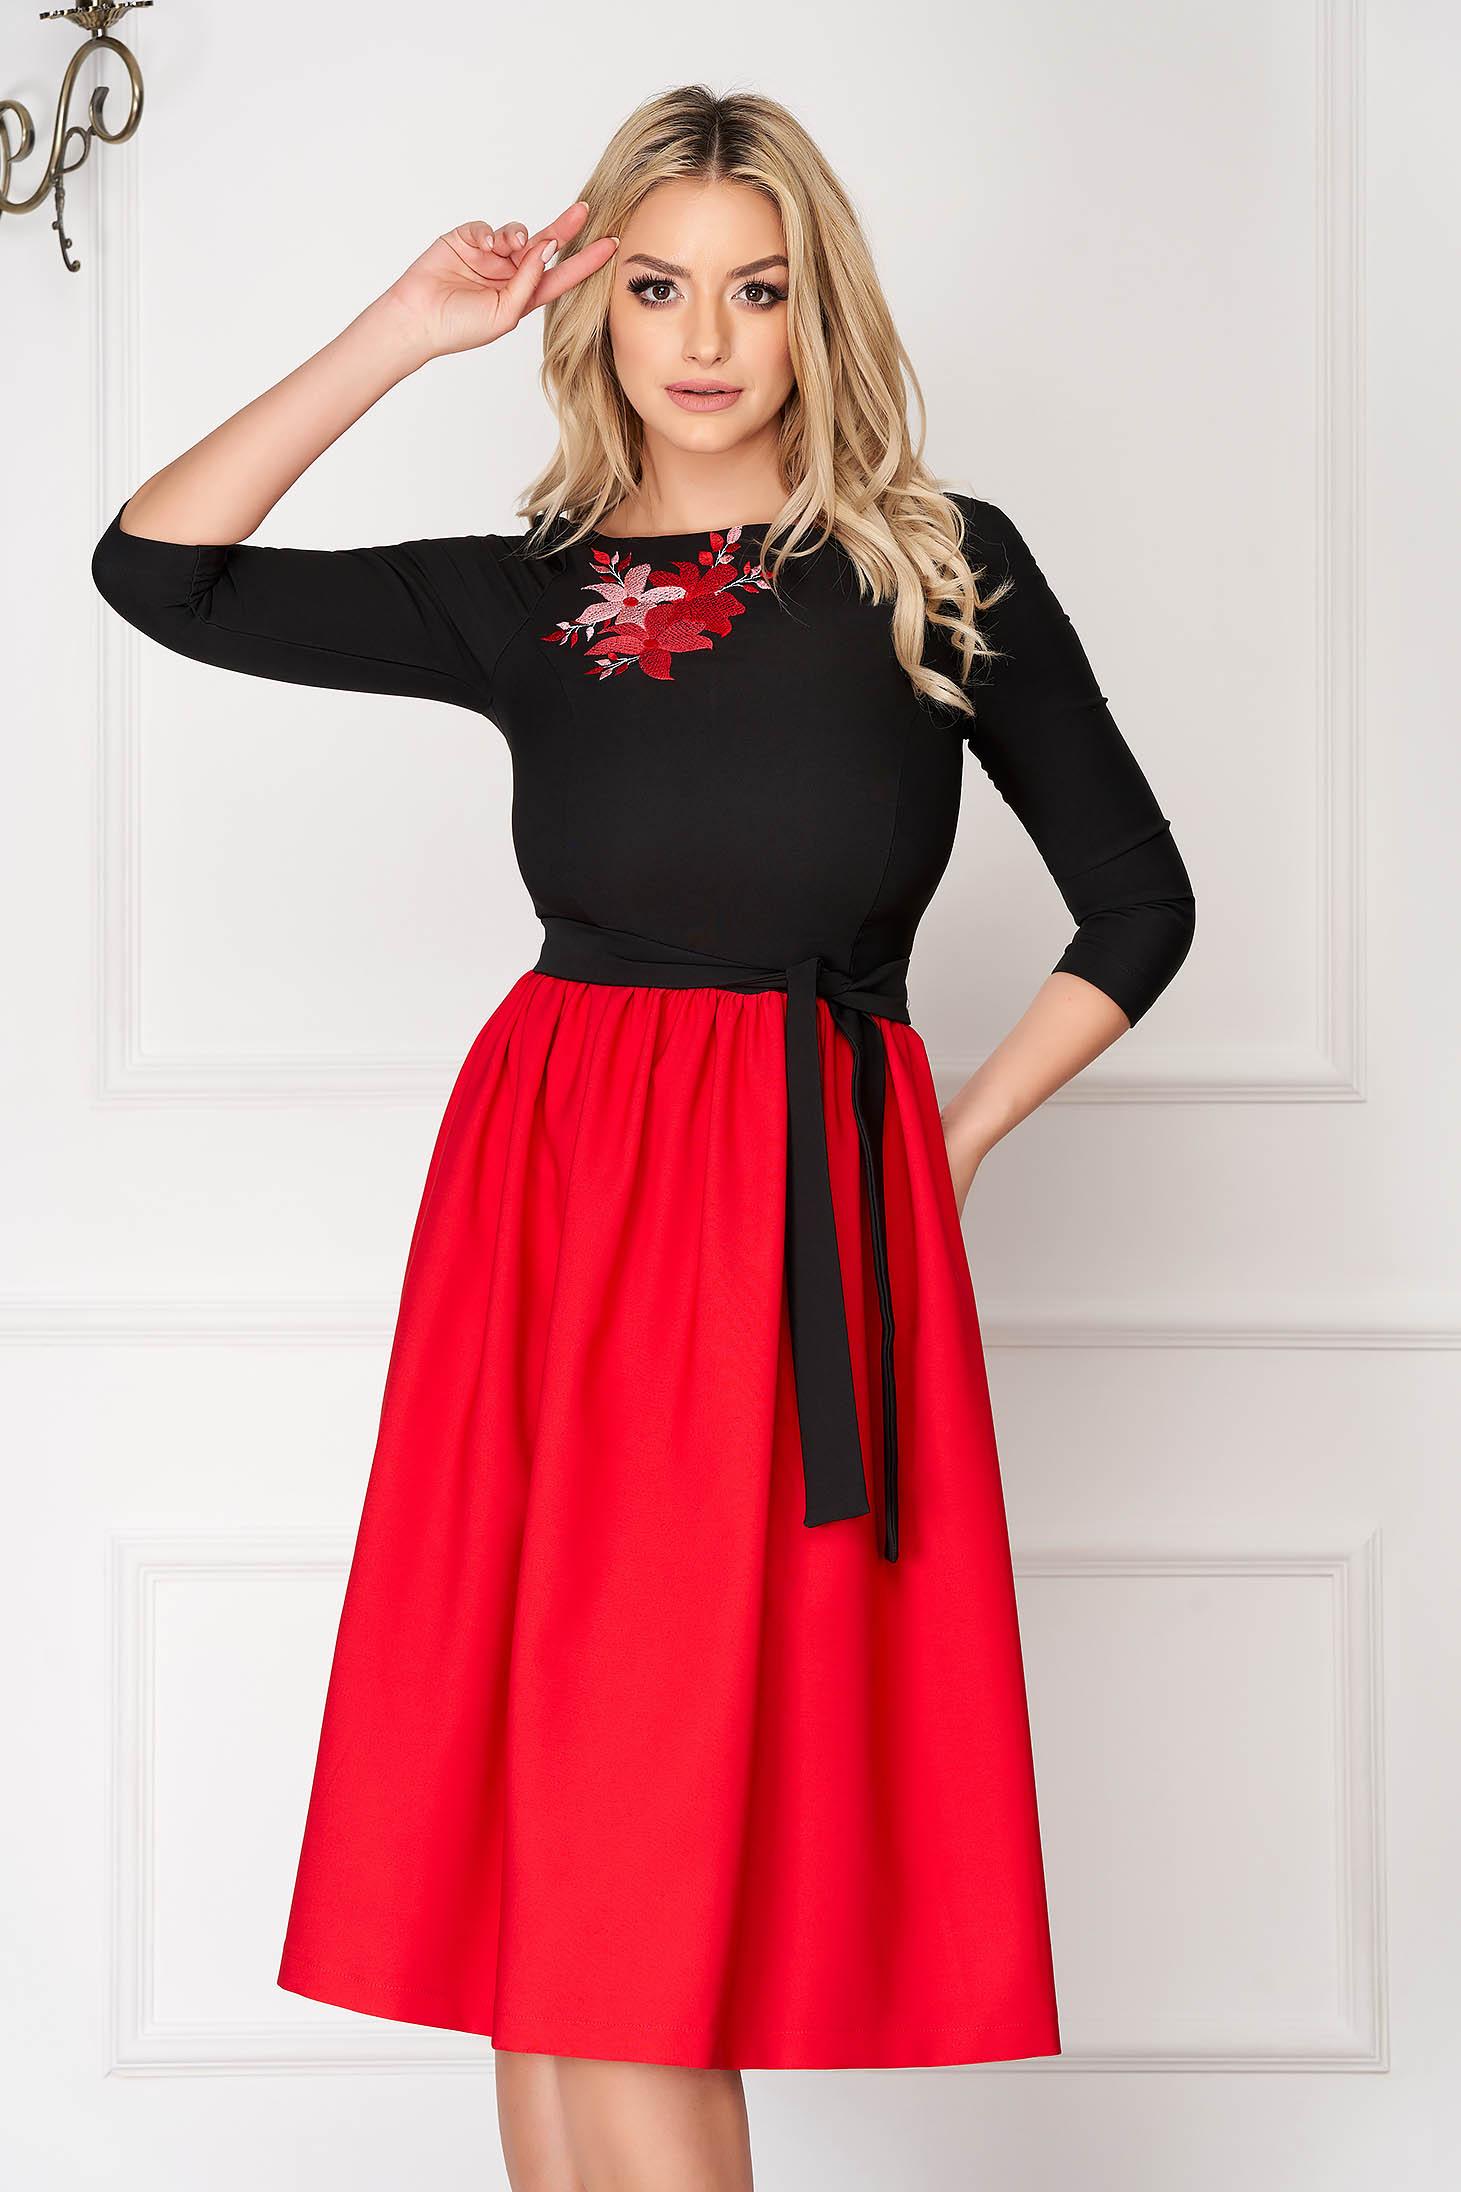 Piros StarShinerS midi alkalmi harang ruha szövetből háromnegyedes ujjakkal virágos hímzéssel